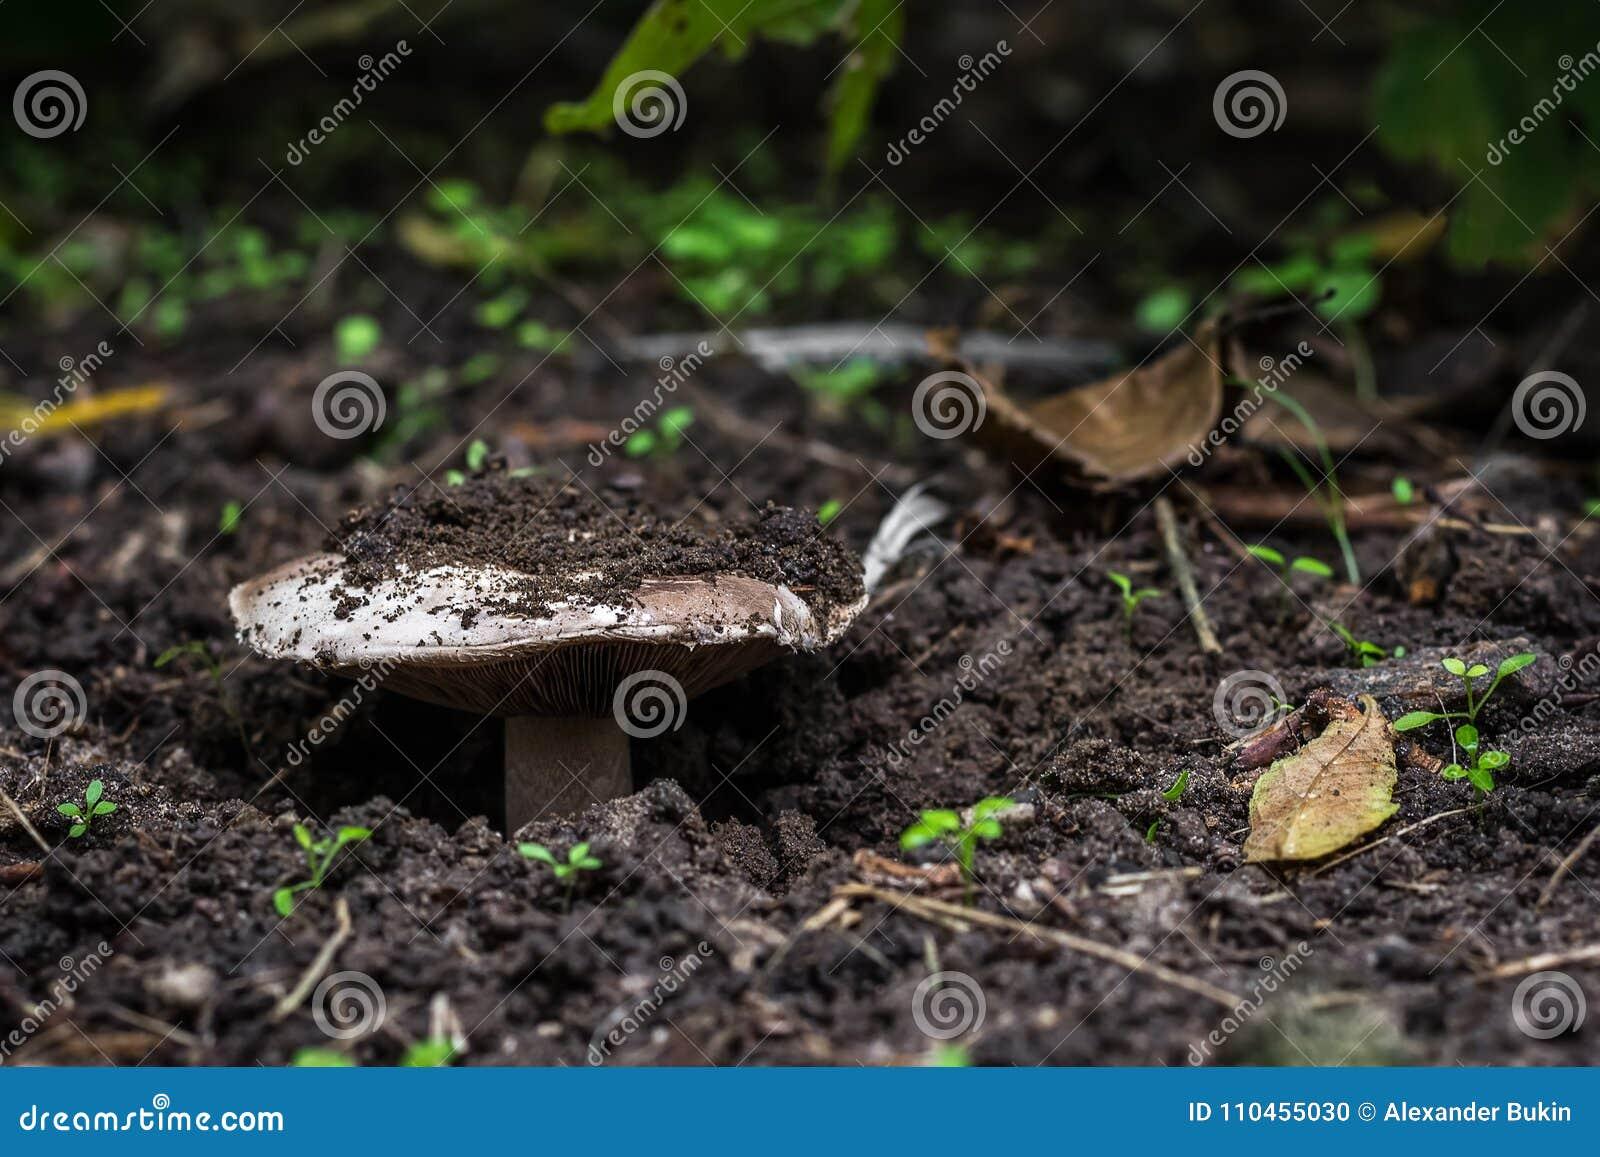 Svampen växer i skogen, det bryter till och med jorden närbildsikt från jordningen